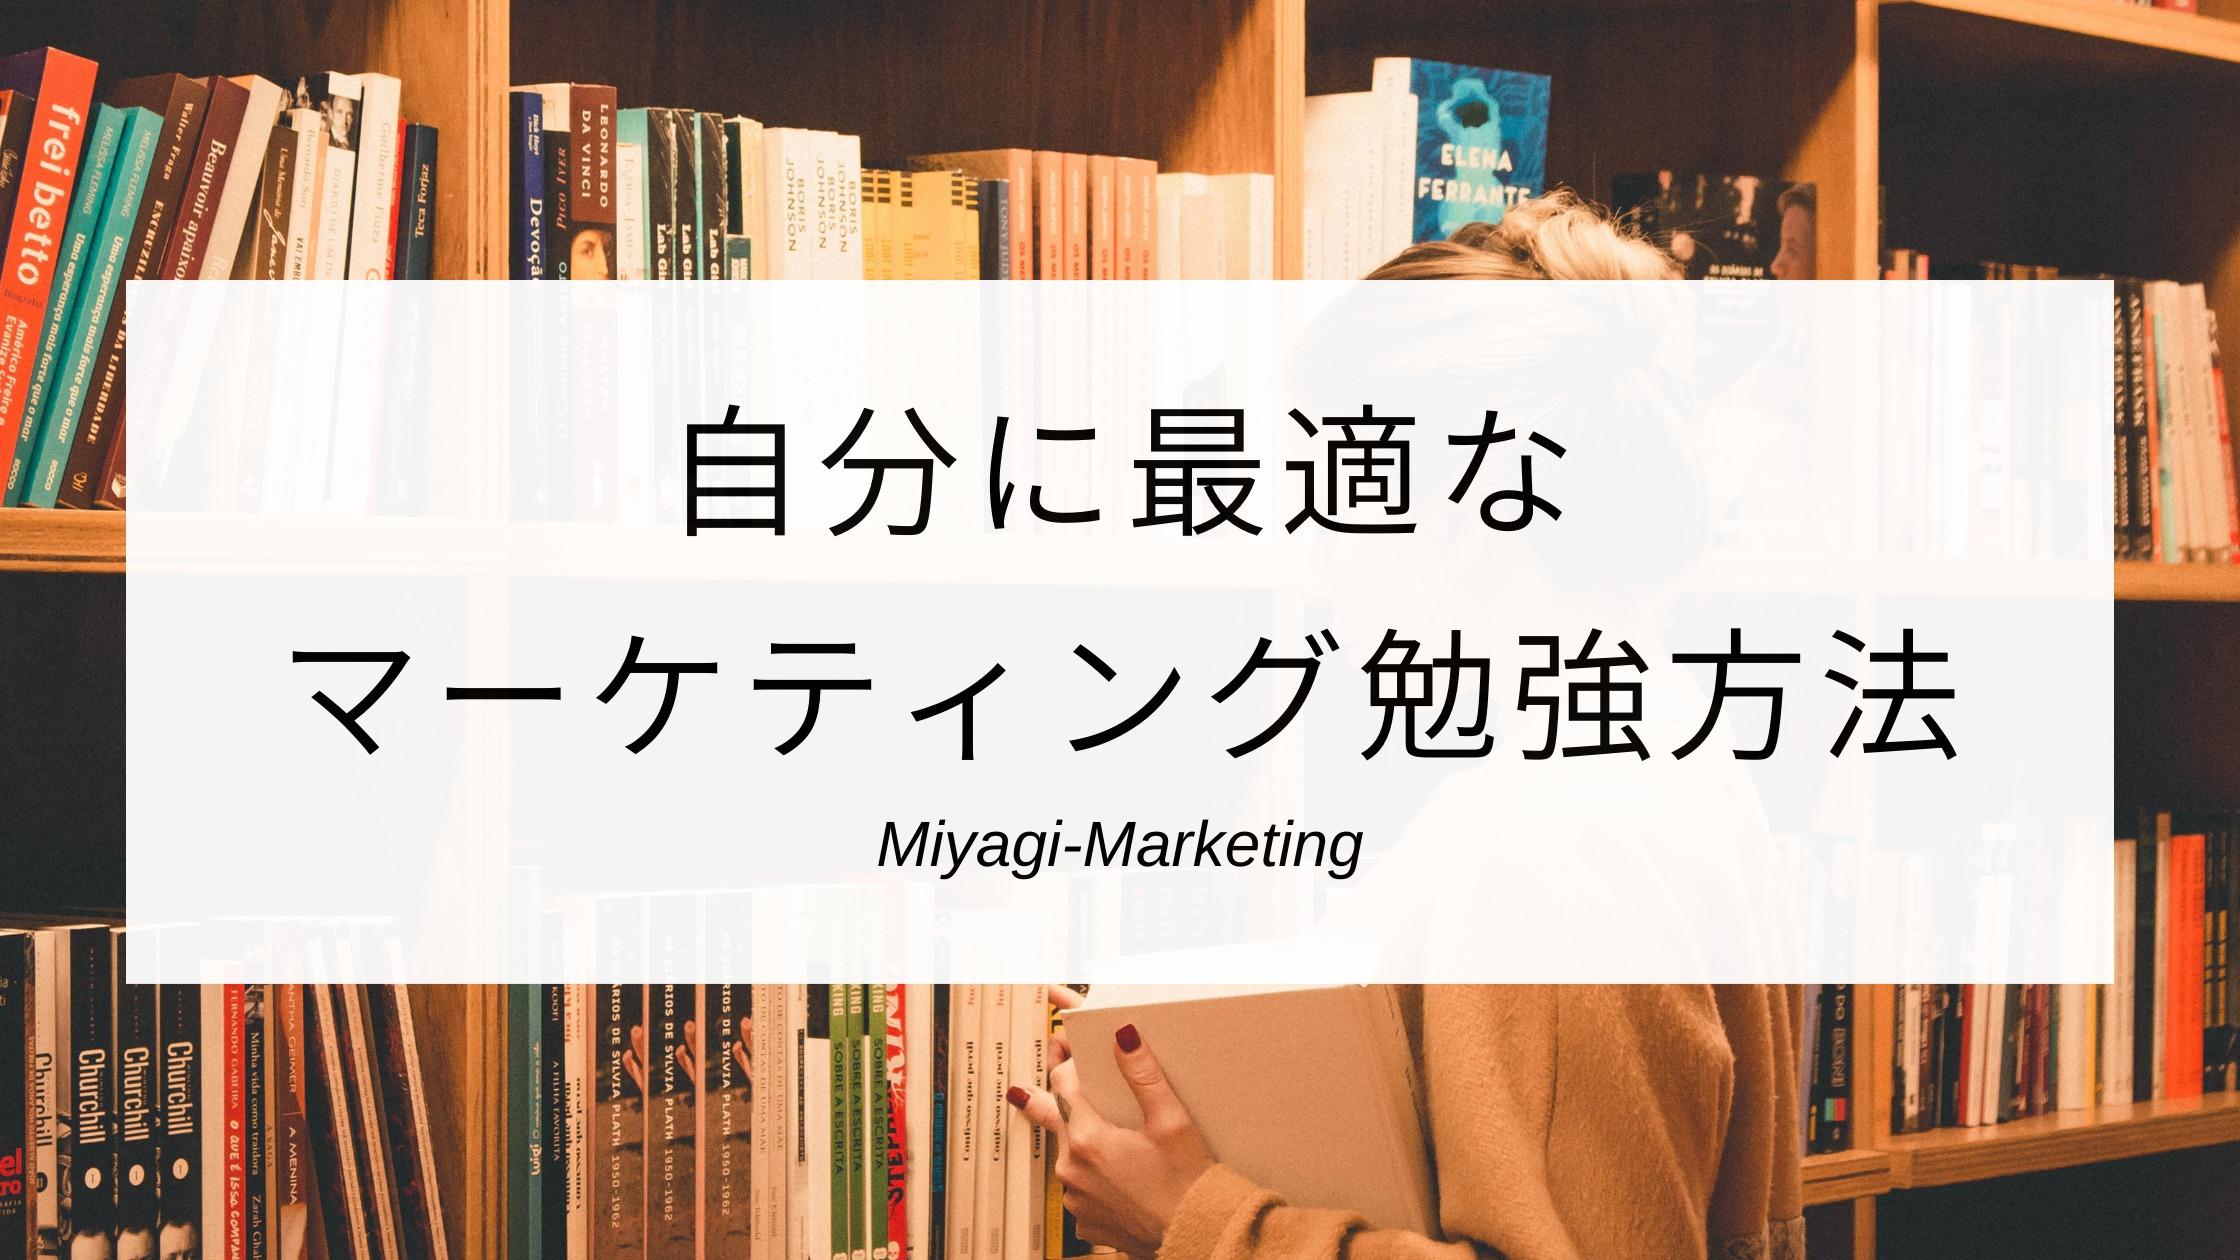 自分に最適なマーケティング勉強方法